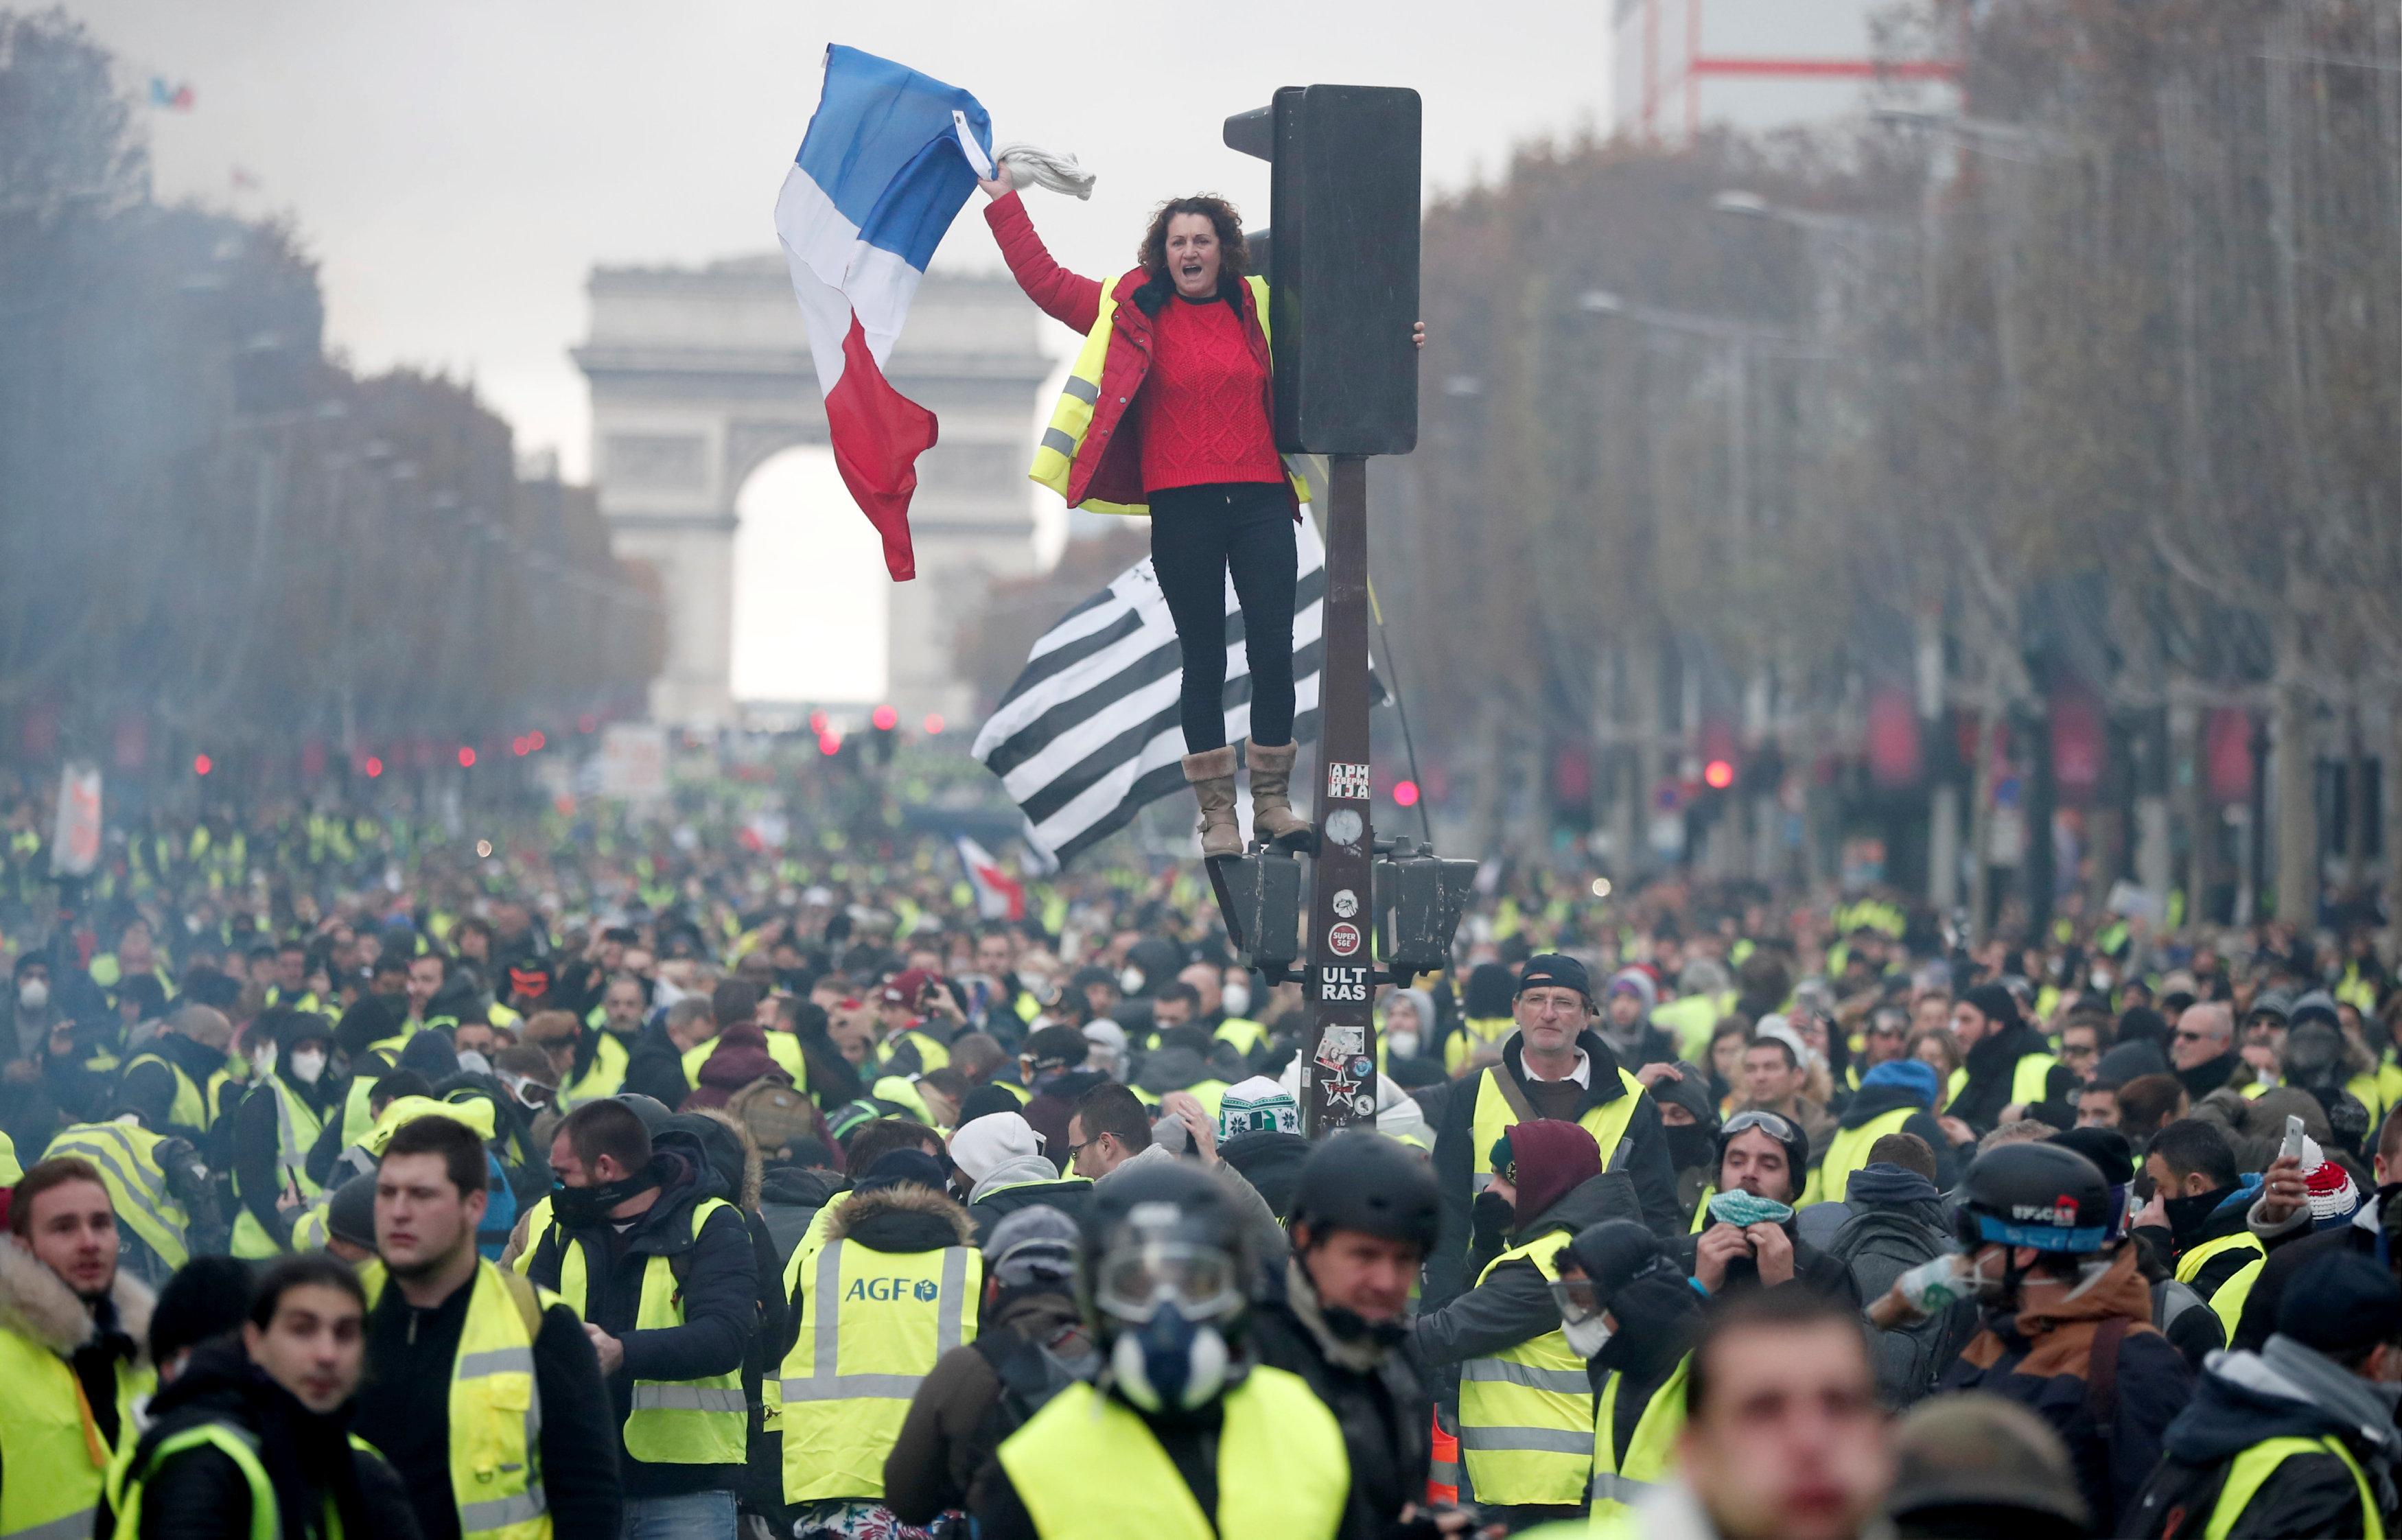 Οι Γάλλοι έχουν μεγάλους